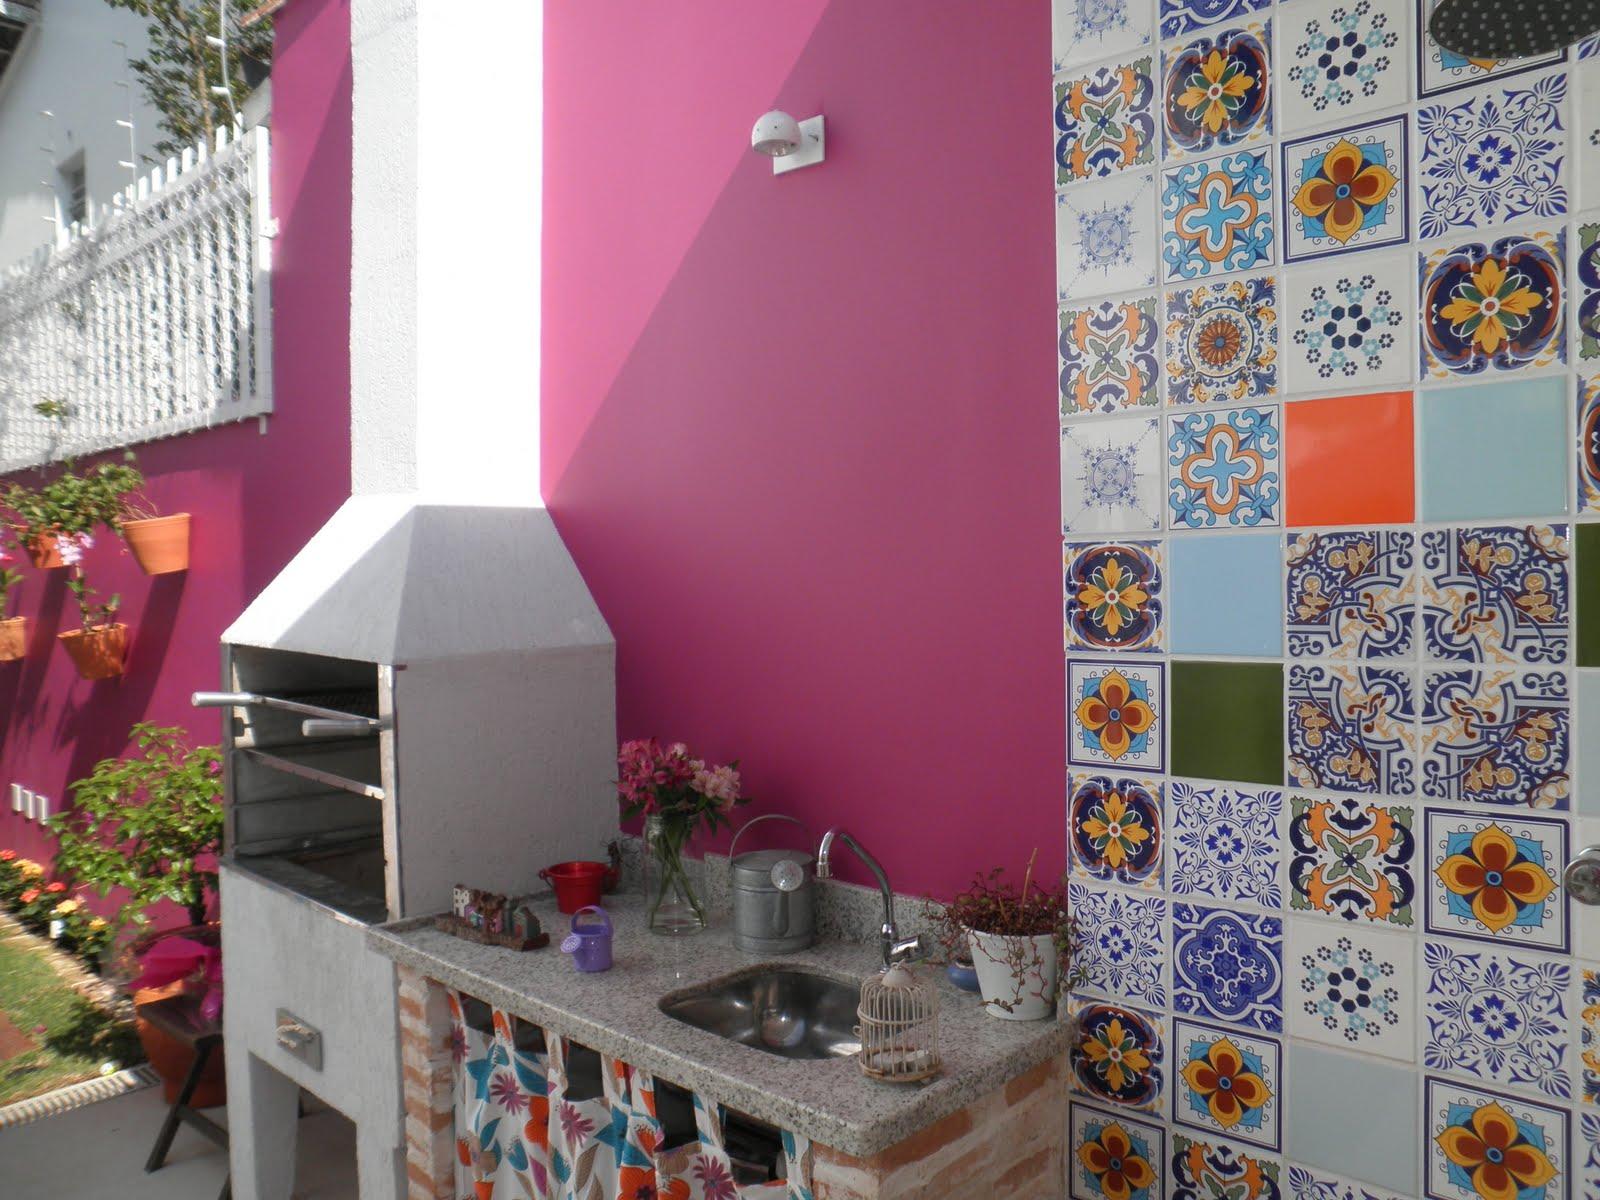 Studio da Ana: Maio 2011 #903B58 1600x1200 Banheiro Com Lavatorio Externo